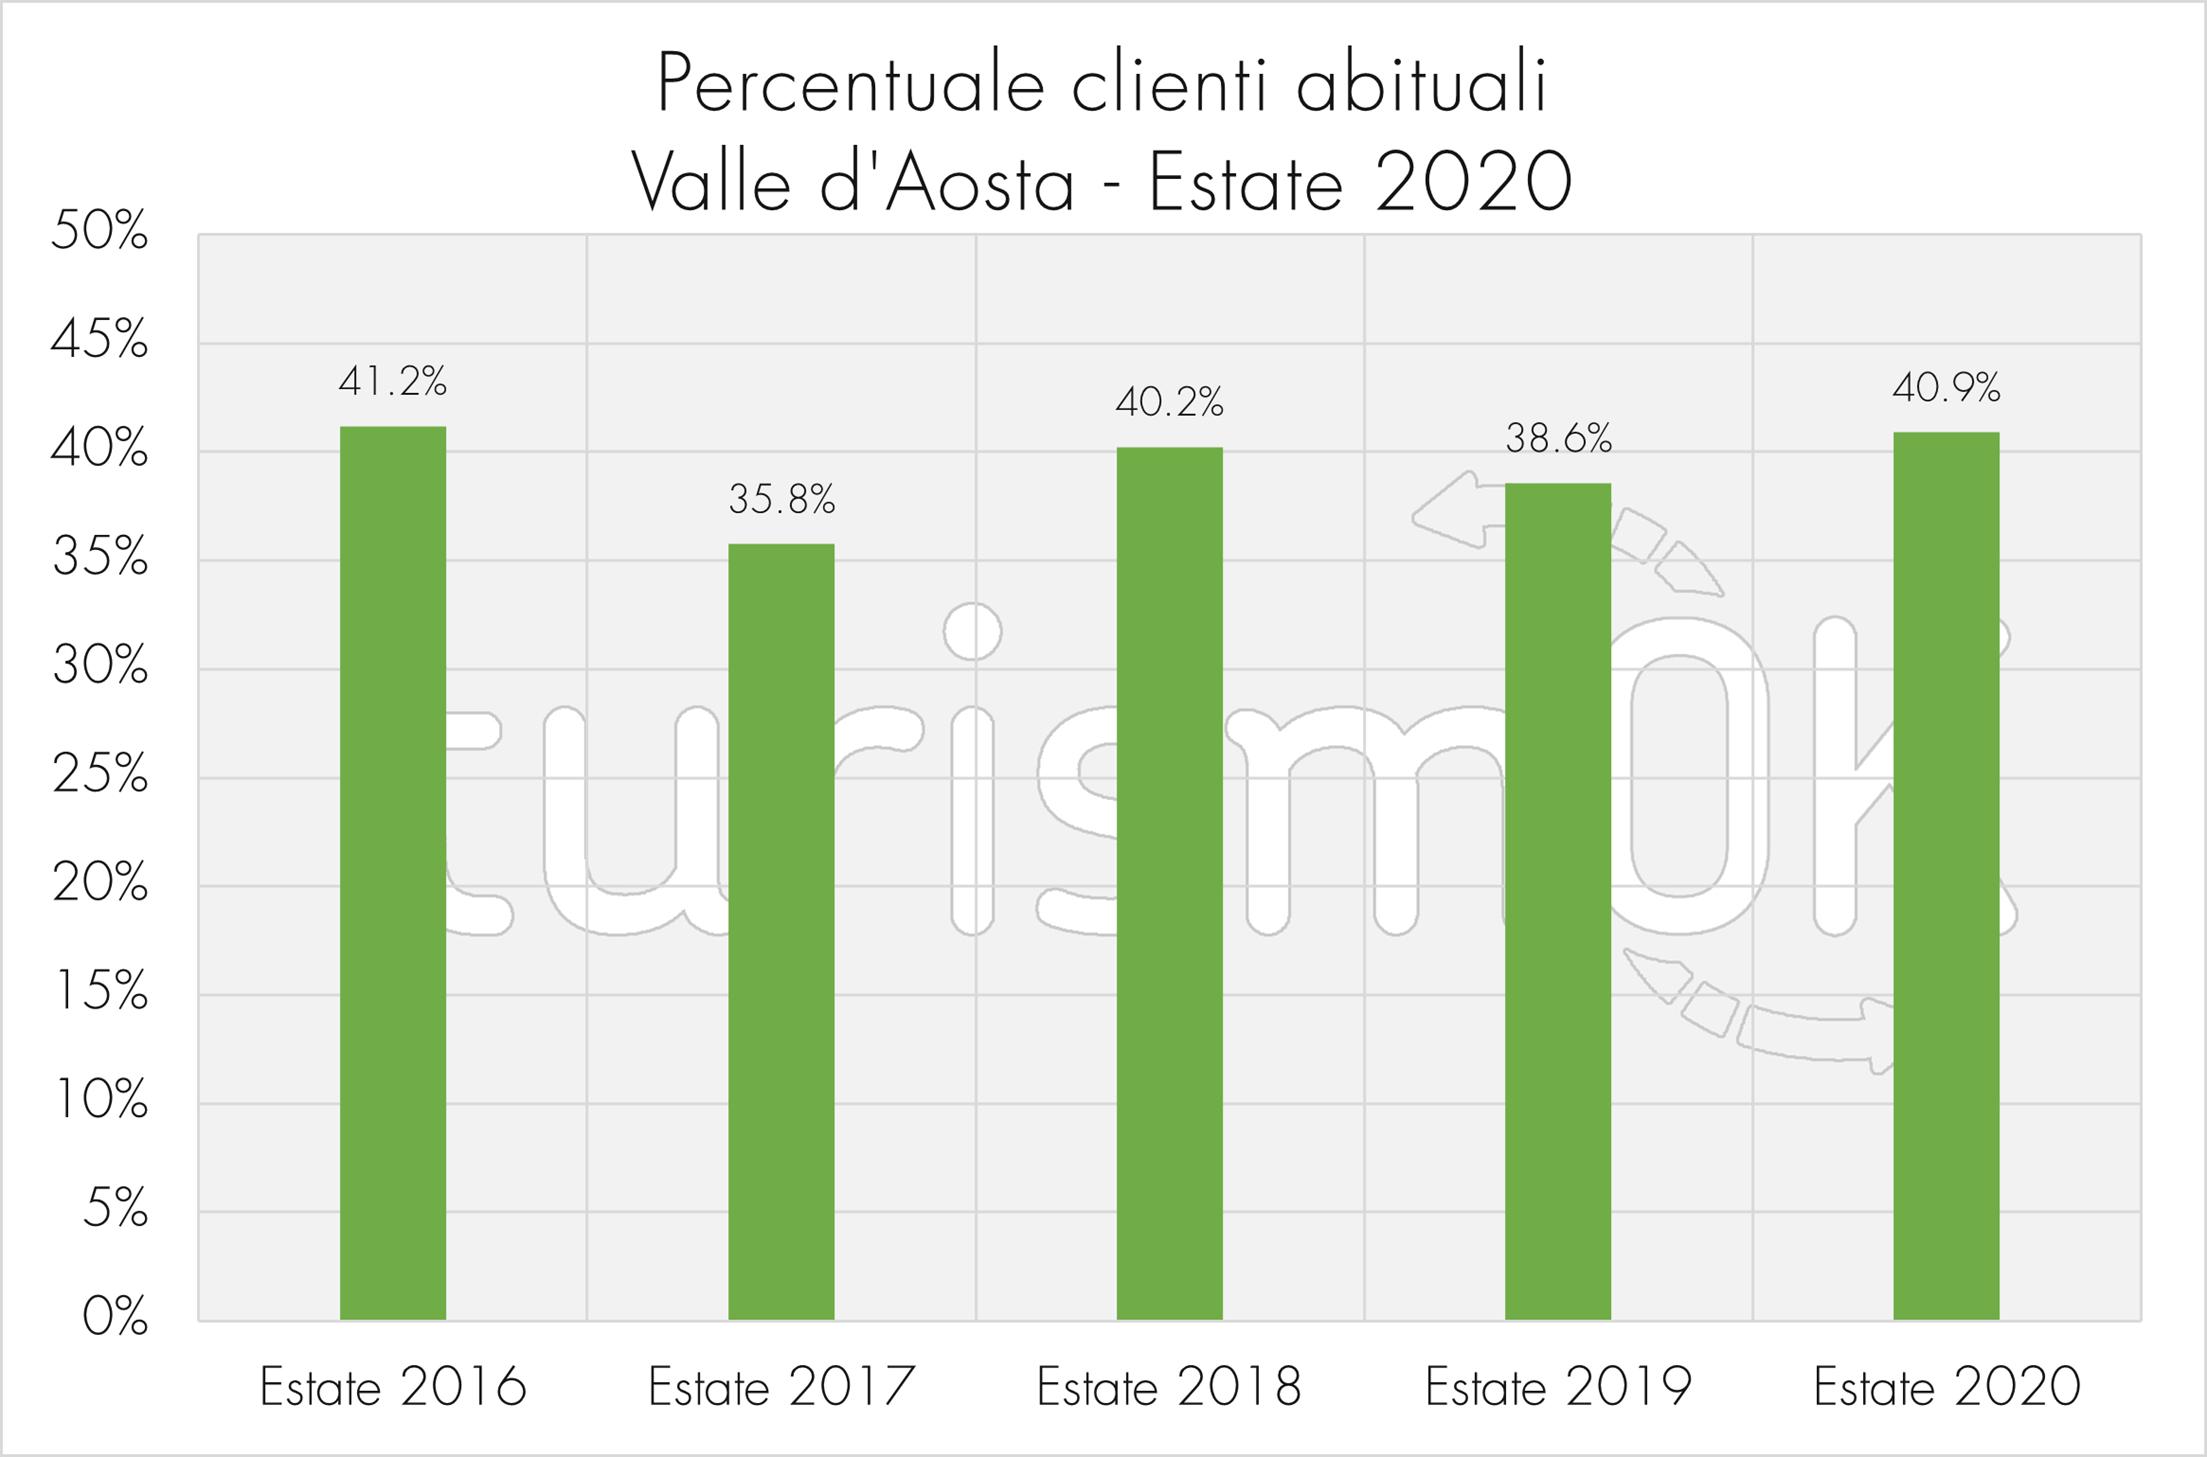 Percentuale clienti abituali Valle d Aosta 2020 Osservatorio Turistico